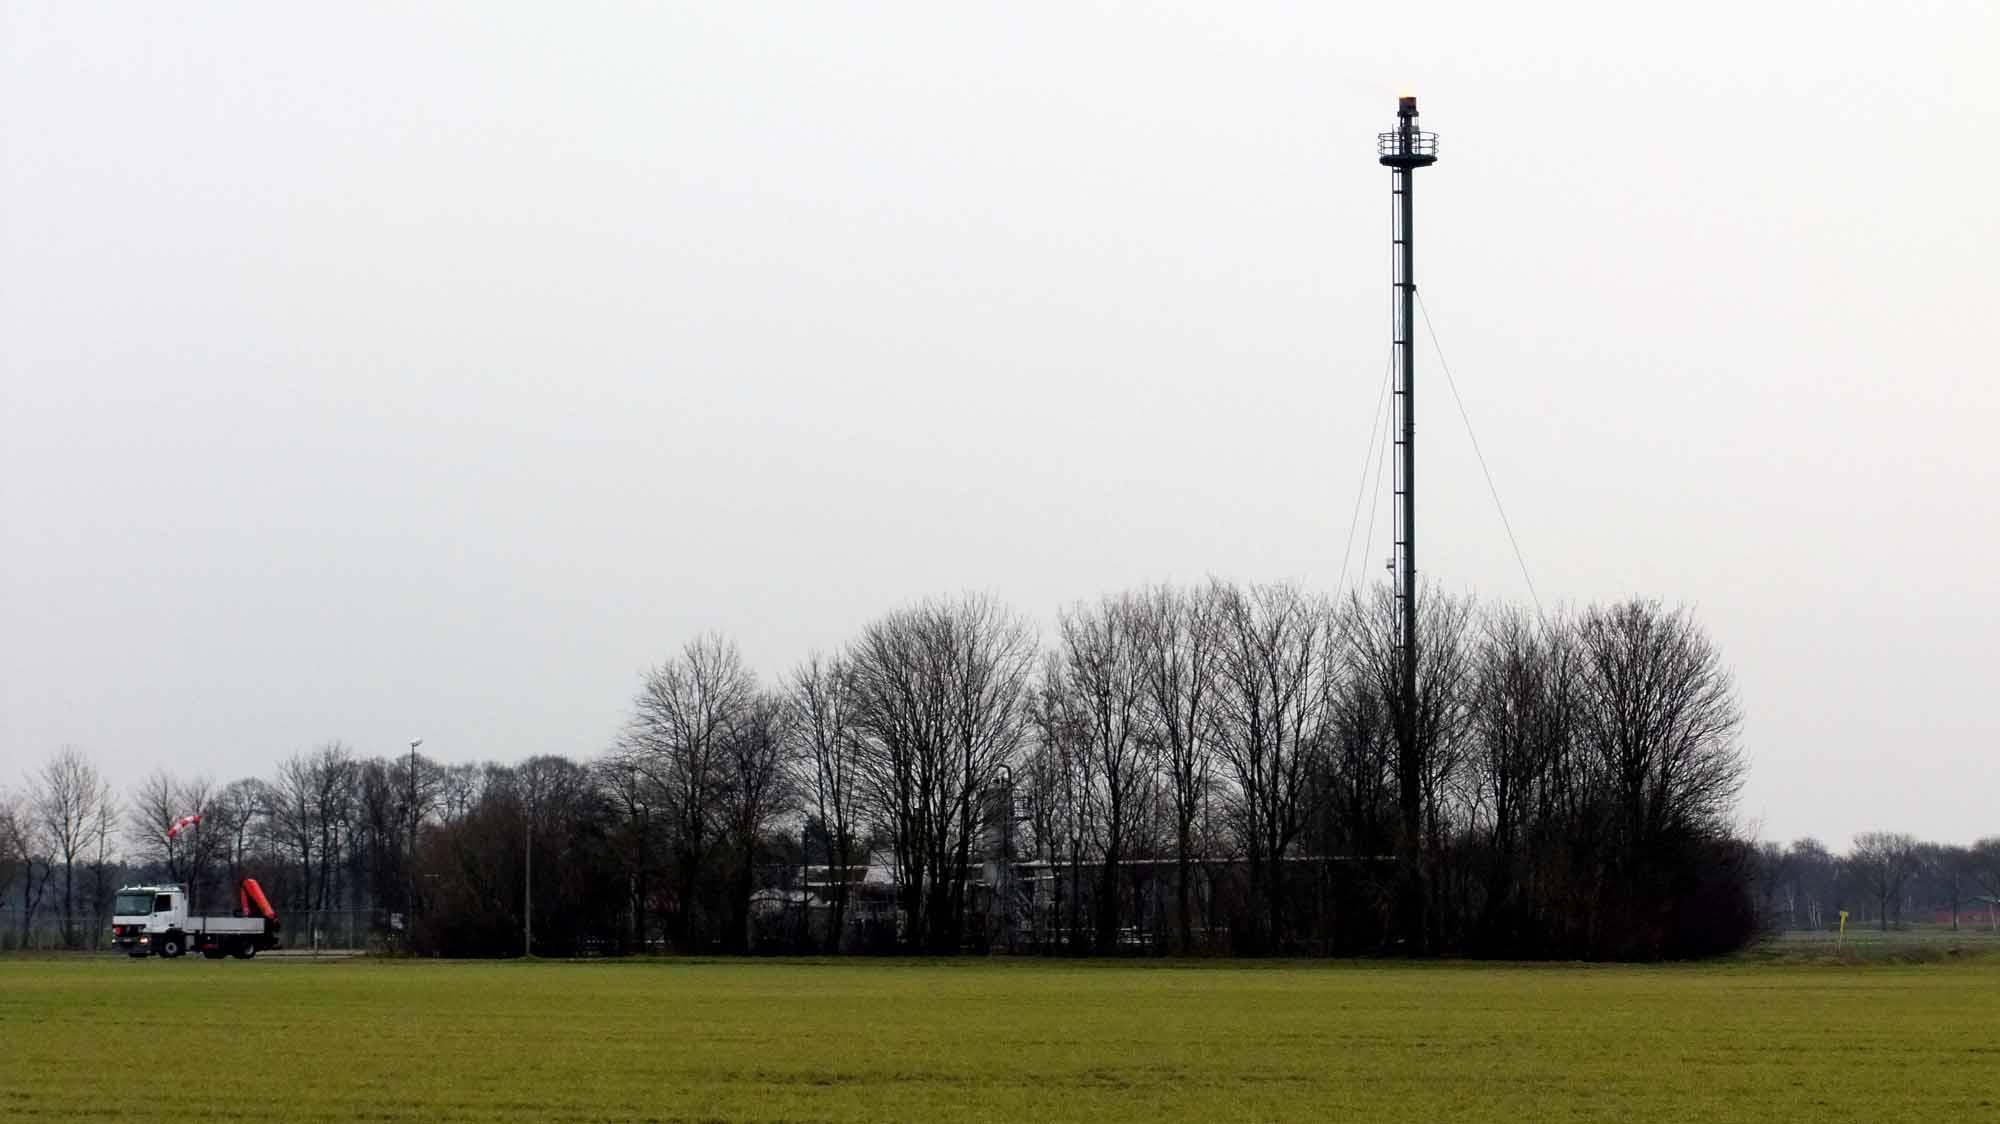 Erdgasförderanlage Sagermeer Z11südlich von Oldenburg chef79